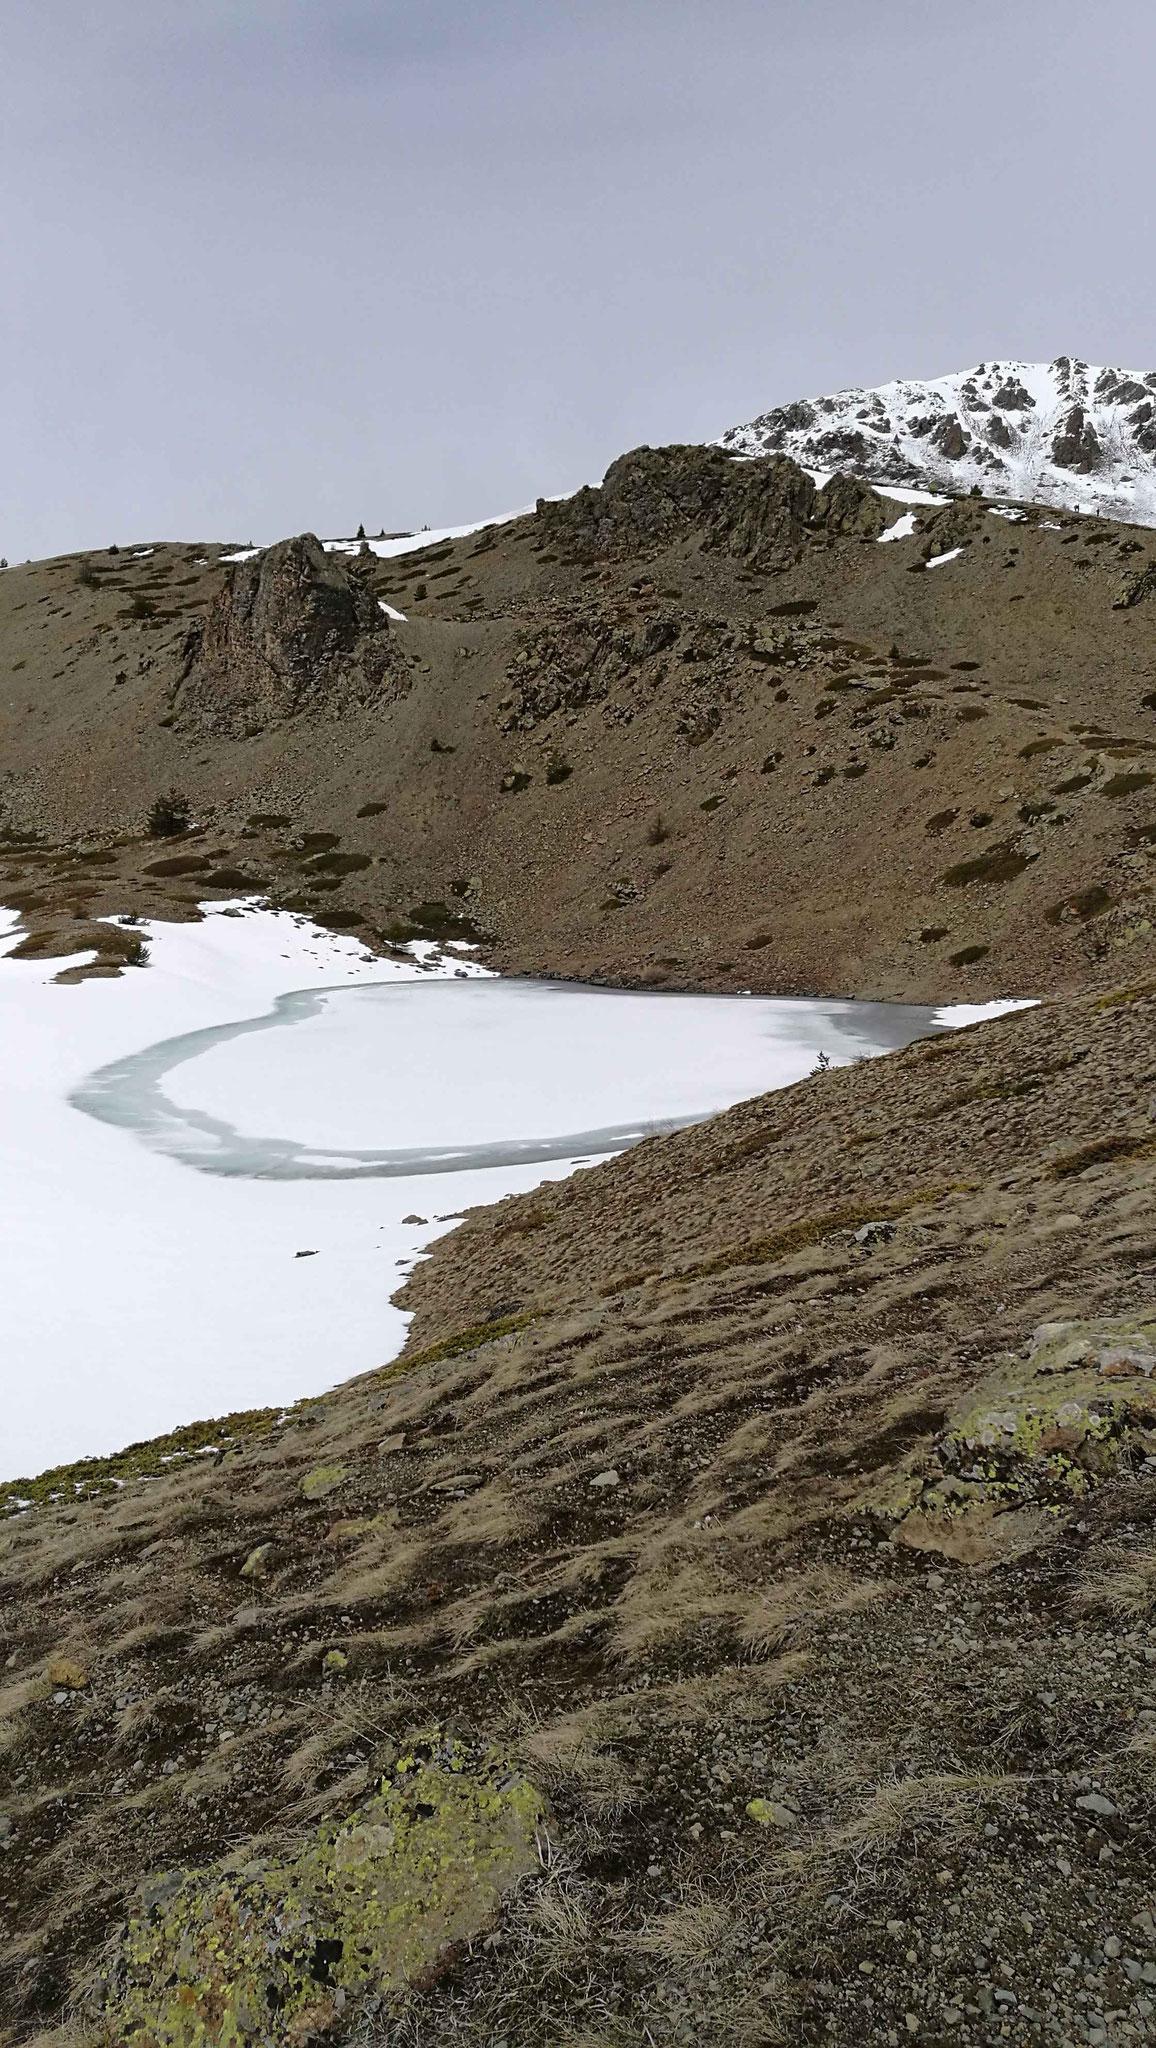 mai 2017 Sur la carte ce lac s'appelle Noir